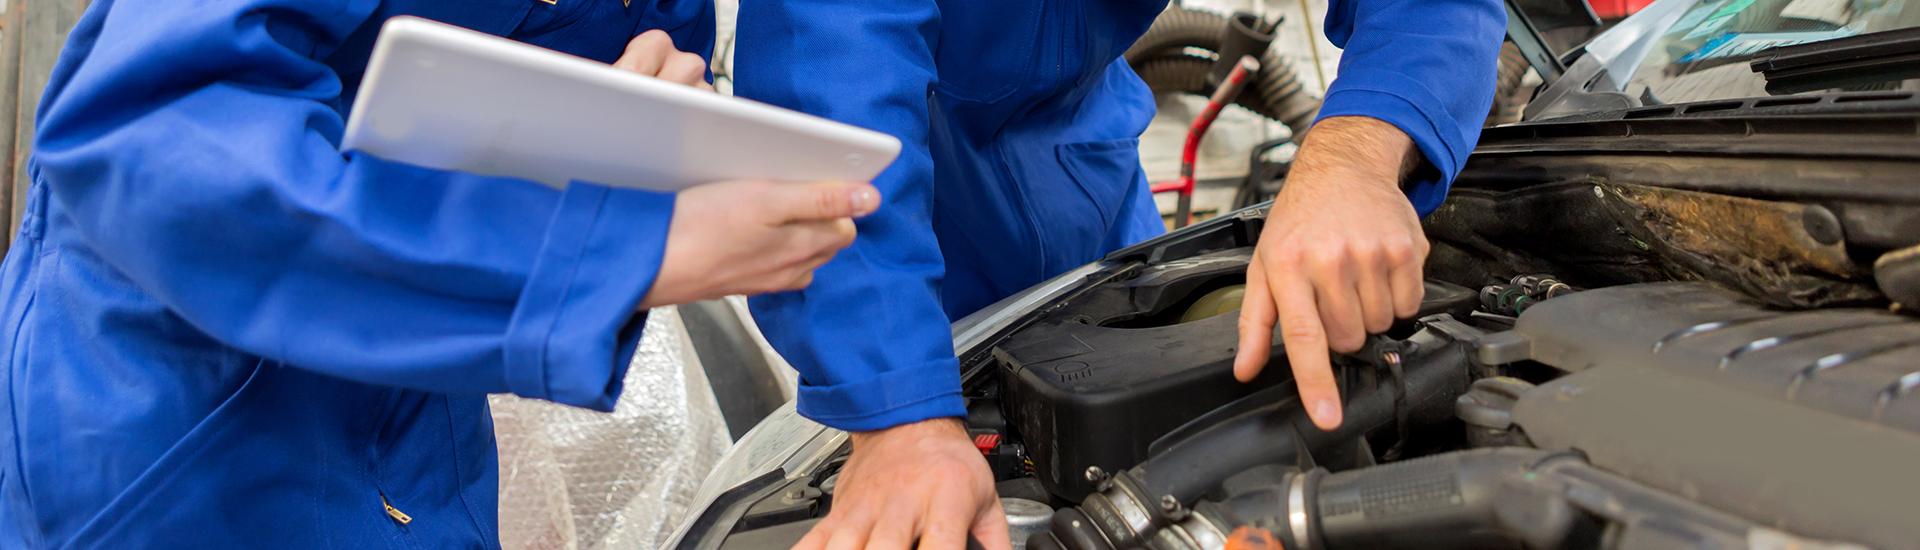 jld autoservice service advies